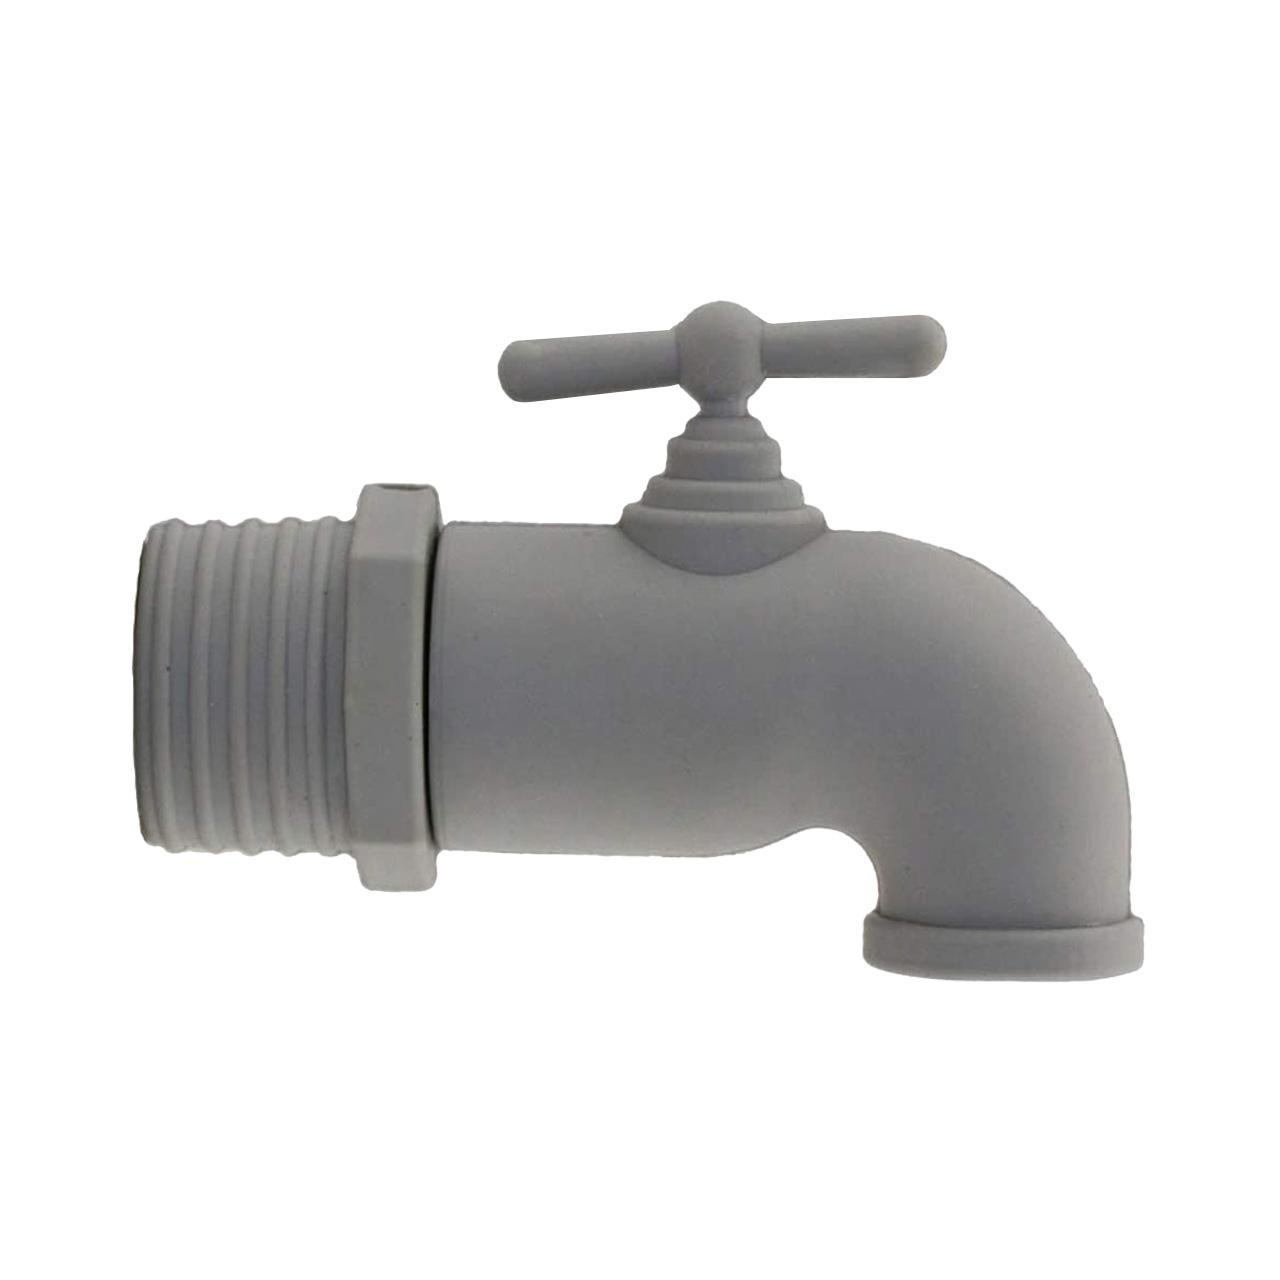 بررسی و {خرید با تخفیف} فلش مموری طرح شیر آب مدل Ul-Faucet ظرفیت 16 گیگابایت اصل